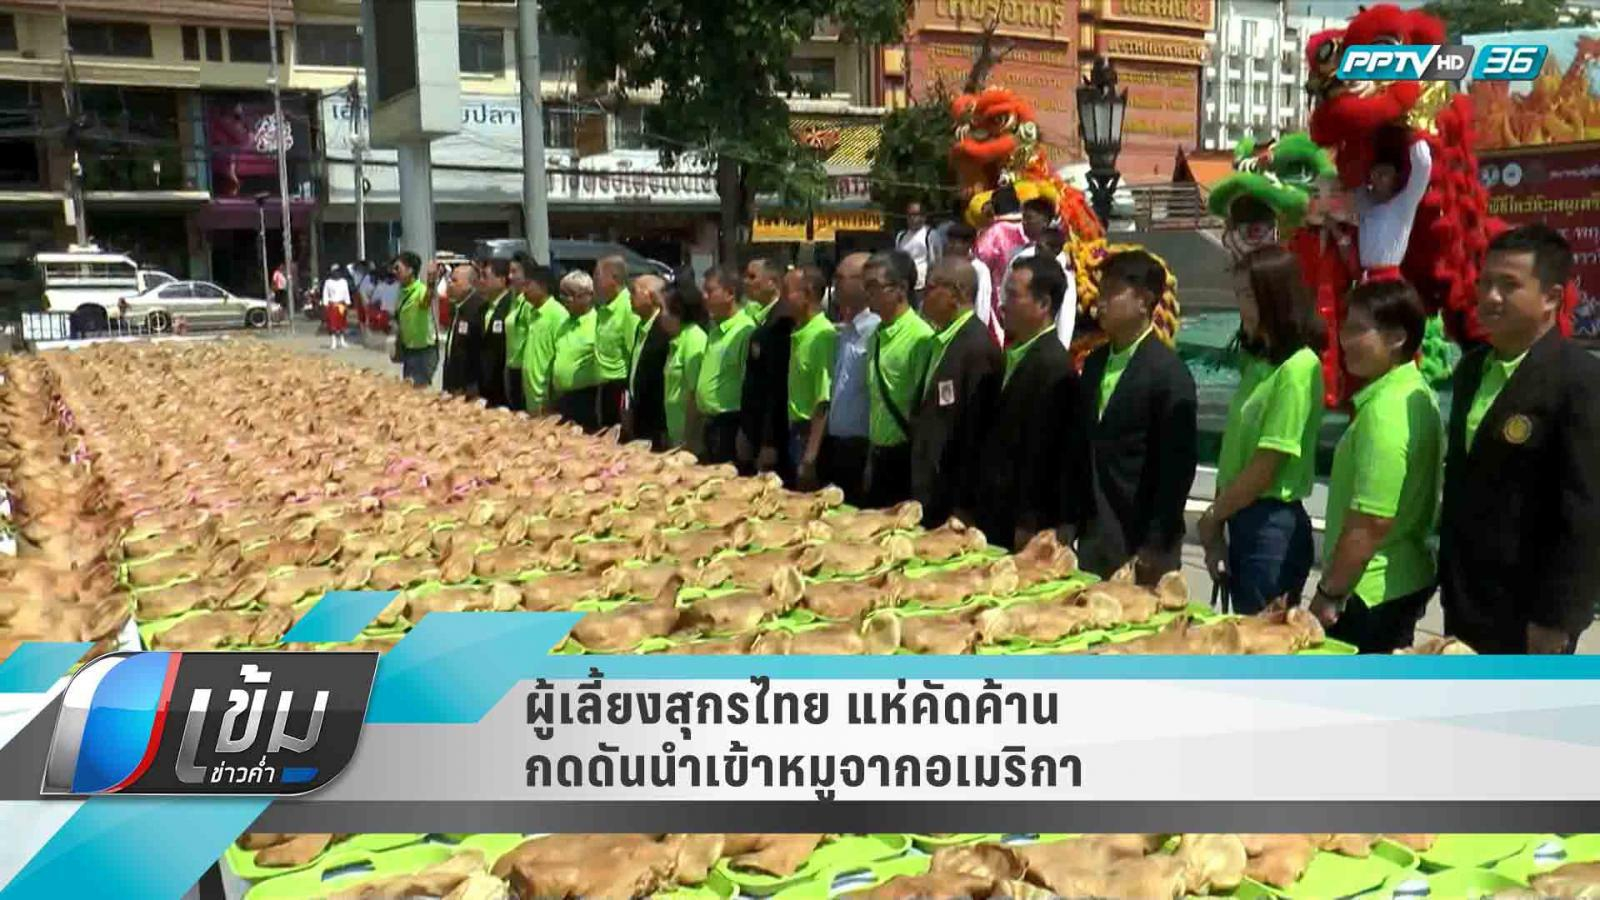 ผู้เลี้ยงสุกรไทย แห่คัดค้านกดดันนำเข้าหมูจากอเมริกา